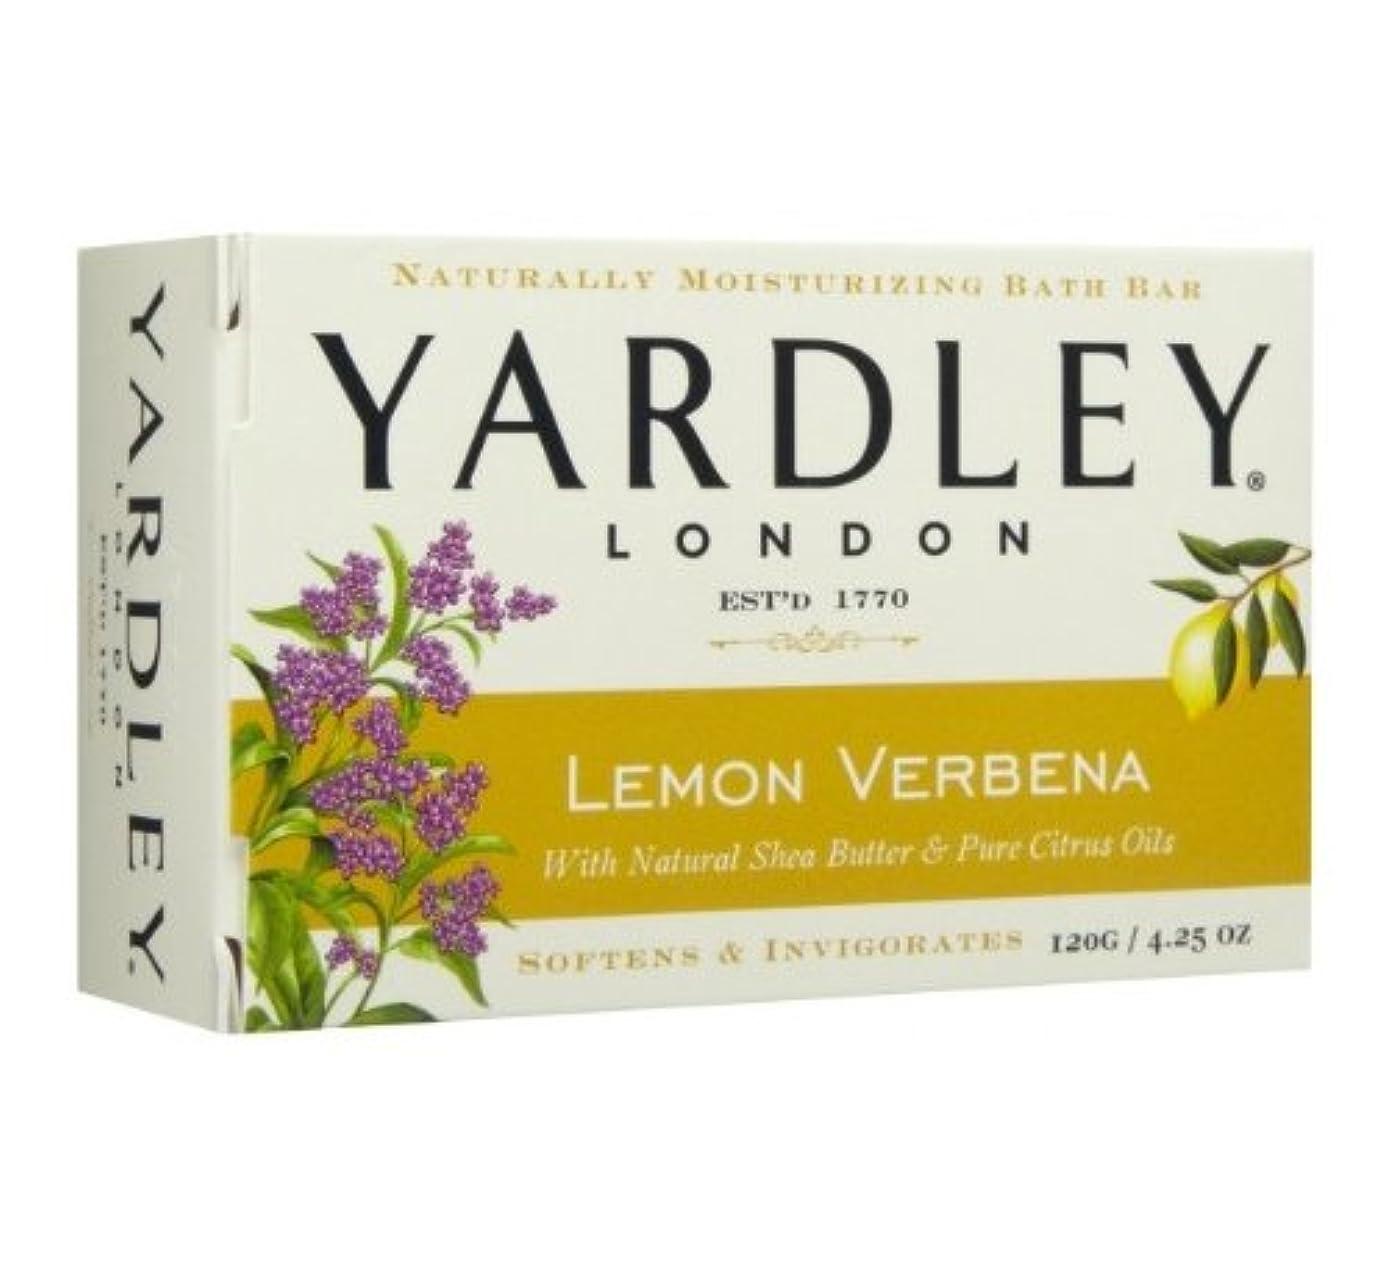 疑い誕生セグメント【2個 ハワイ直送品】Yardley London Lemon Verbena Moisturizing Bath Bar ヤードリー レモンバーベナ ソープ 120g